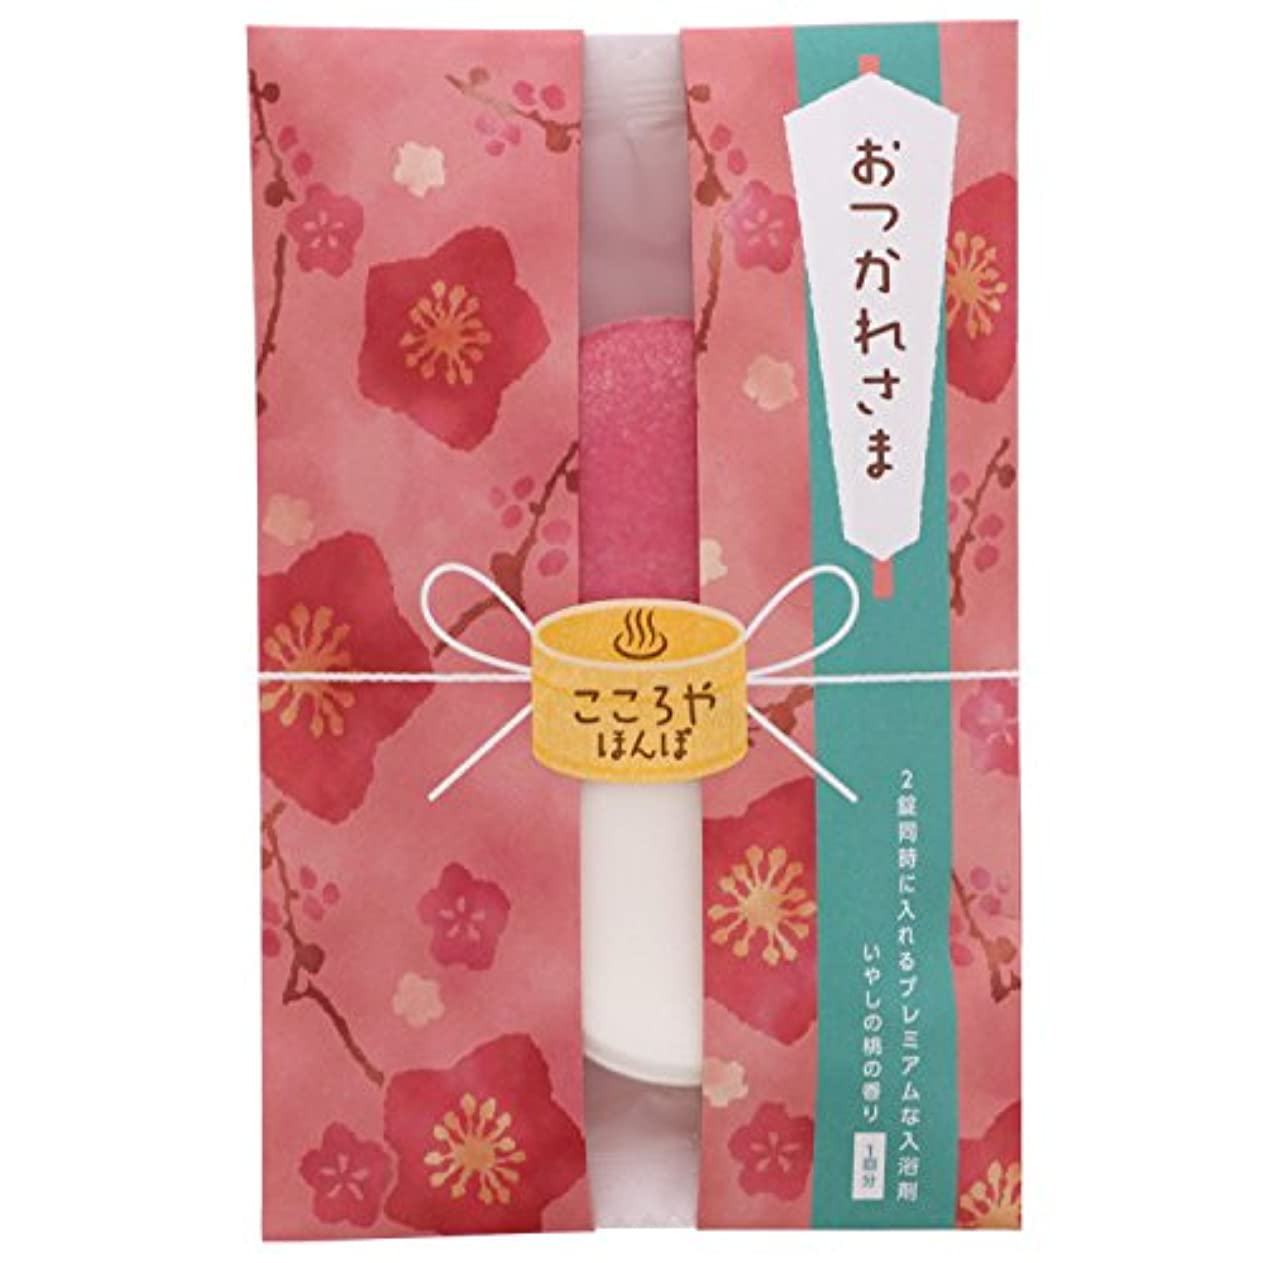 舗装するレッスン良性こころやほんぽ カジュアルギフト 入浴剤 おつかれさま 桃の香り 50g